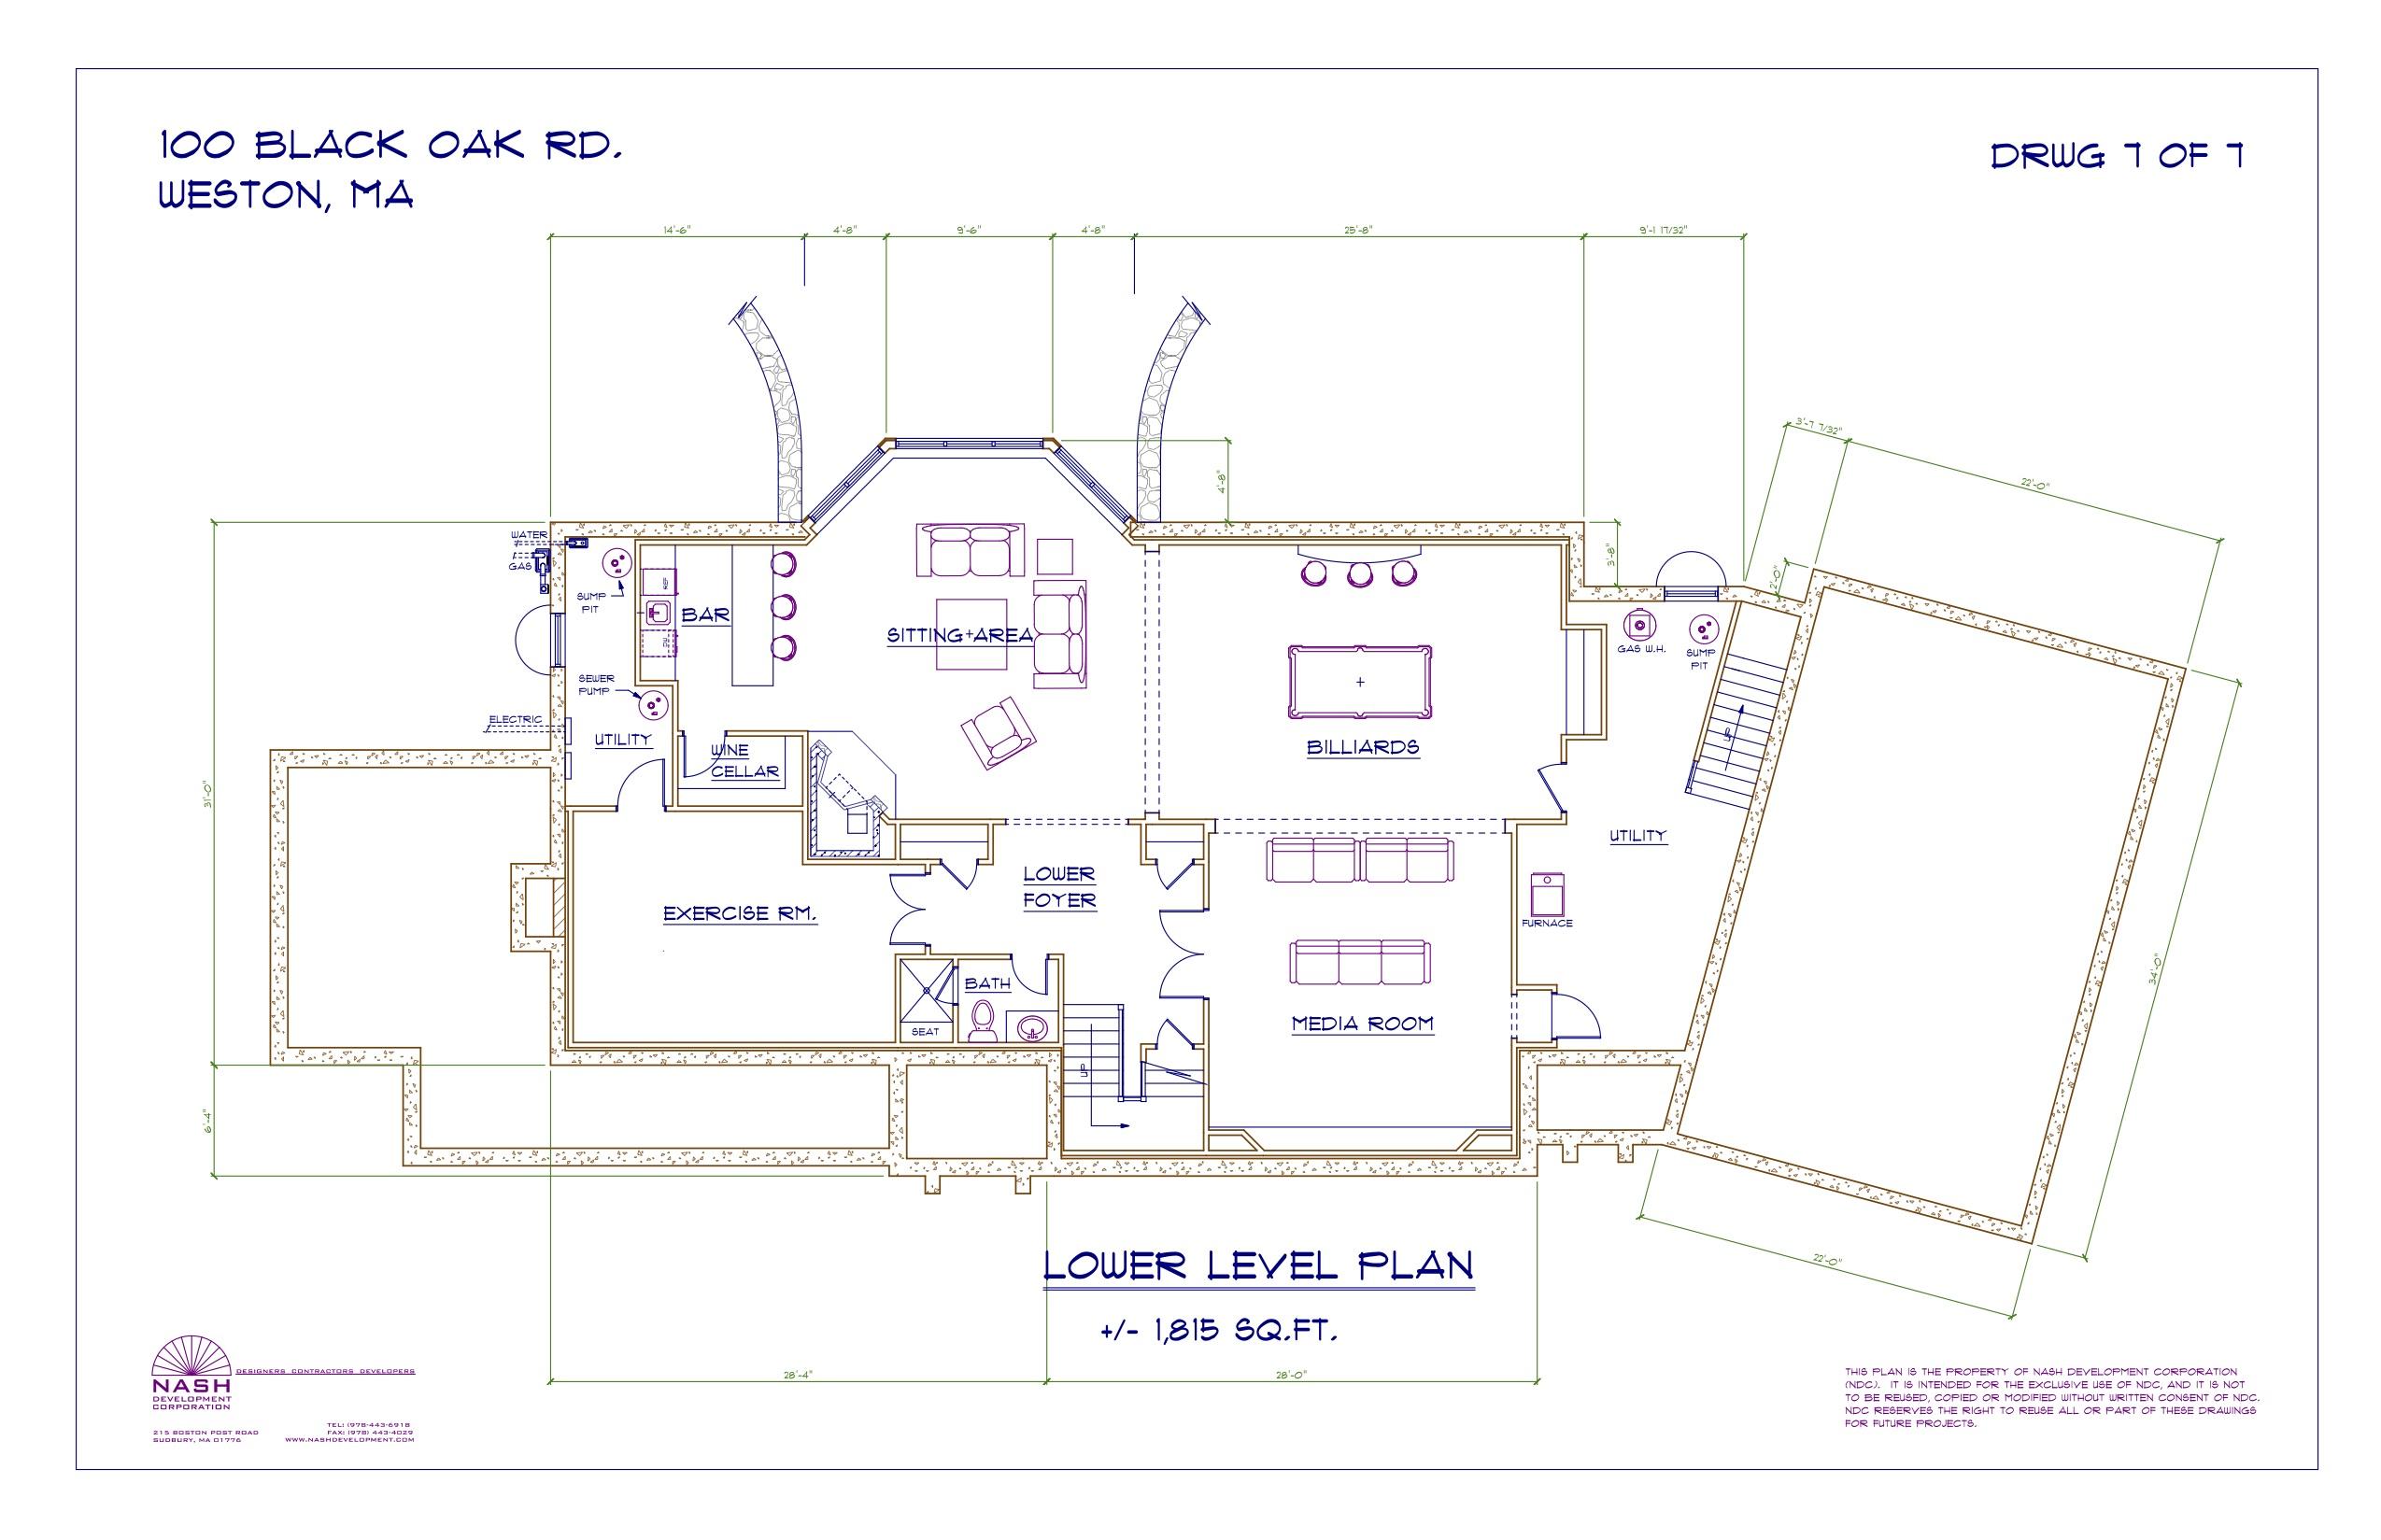 100 Black Oak plans 12-7-15 (7)